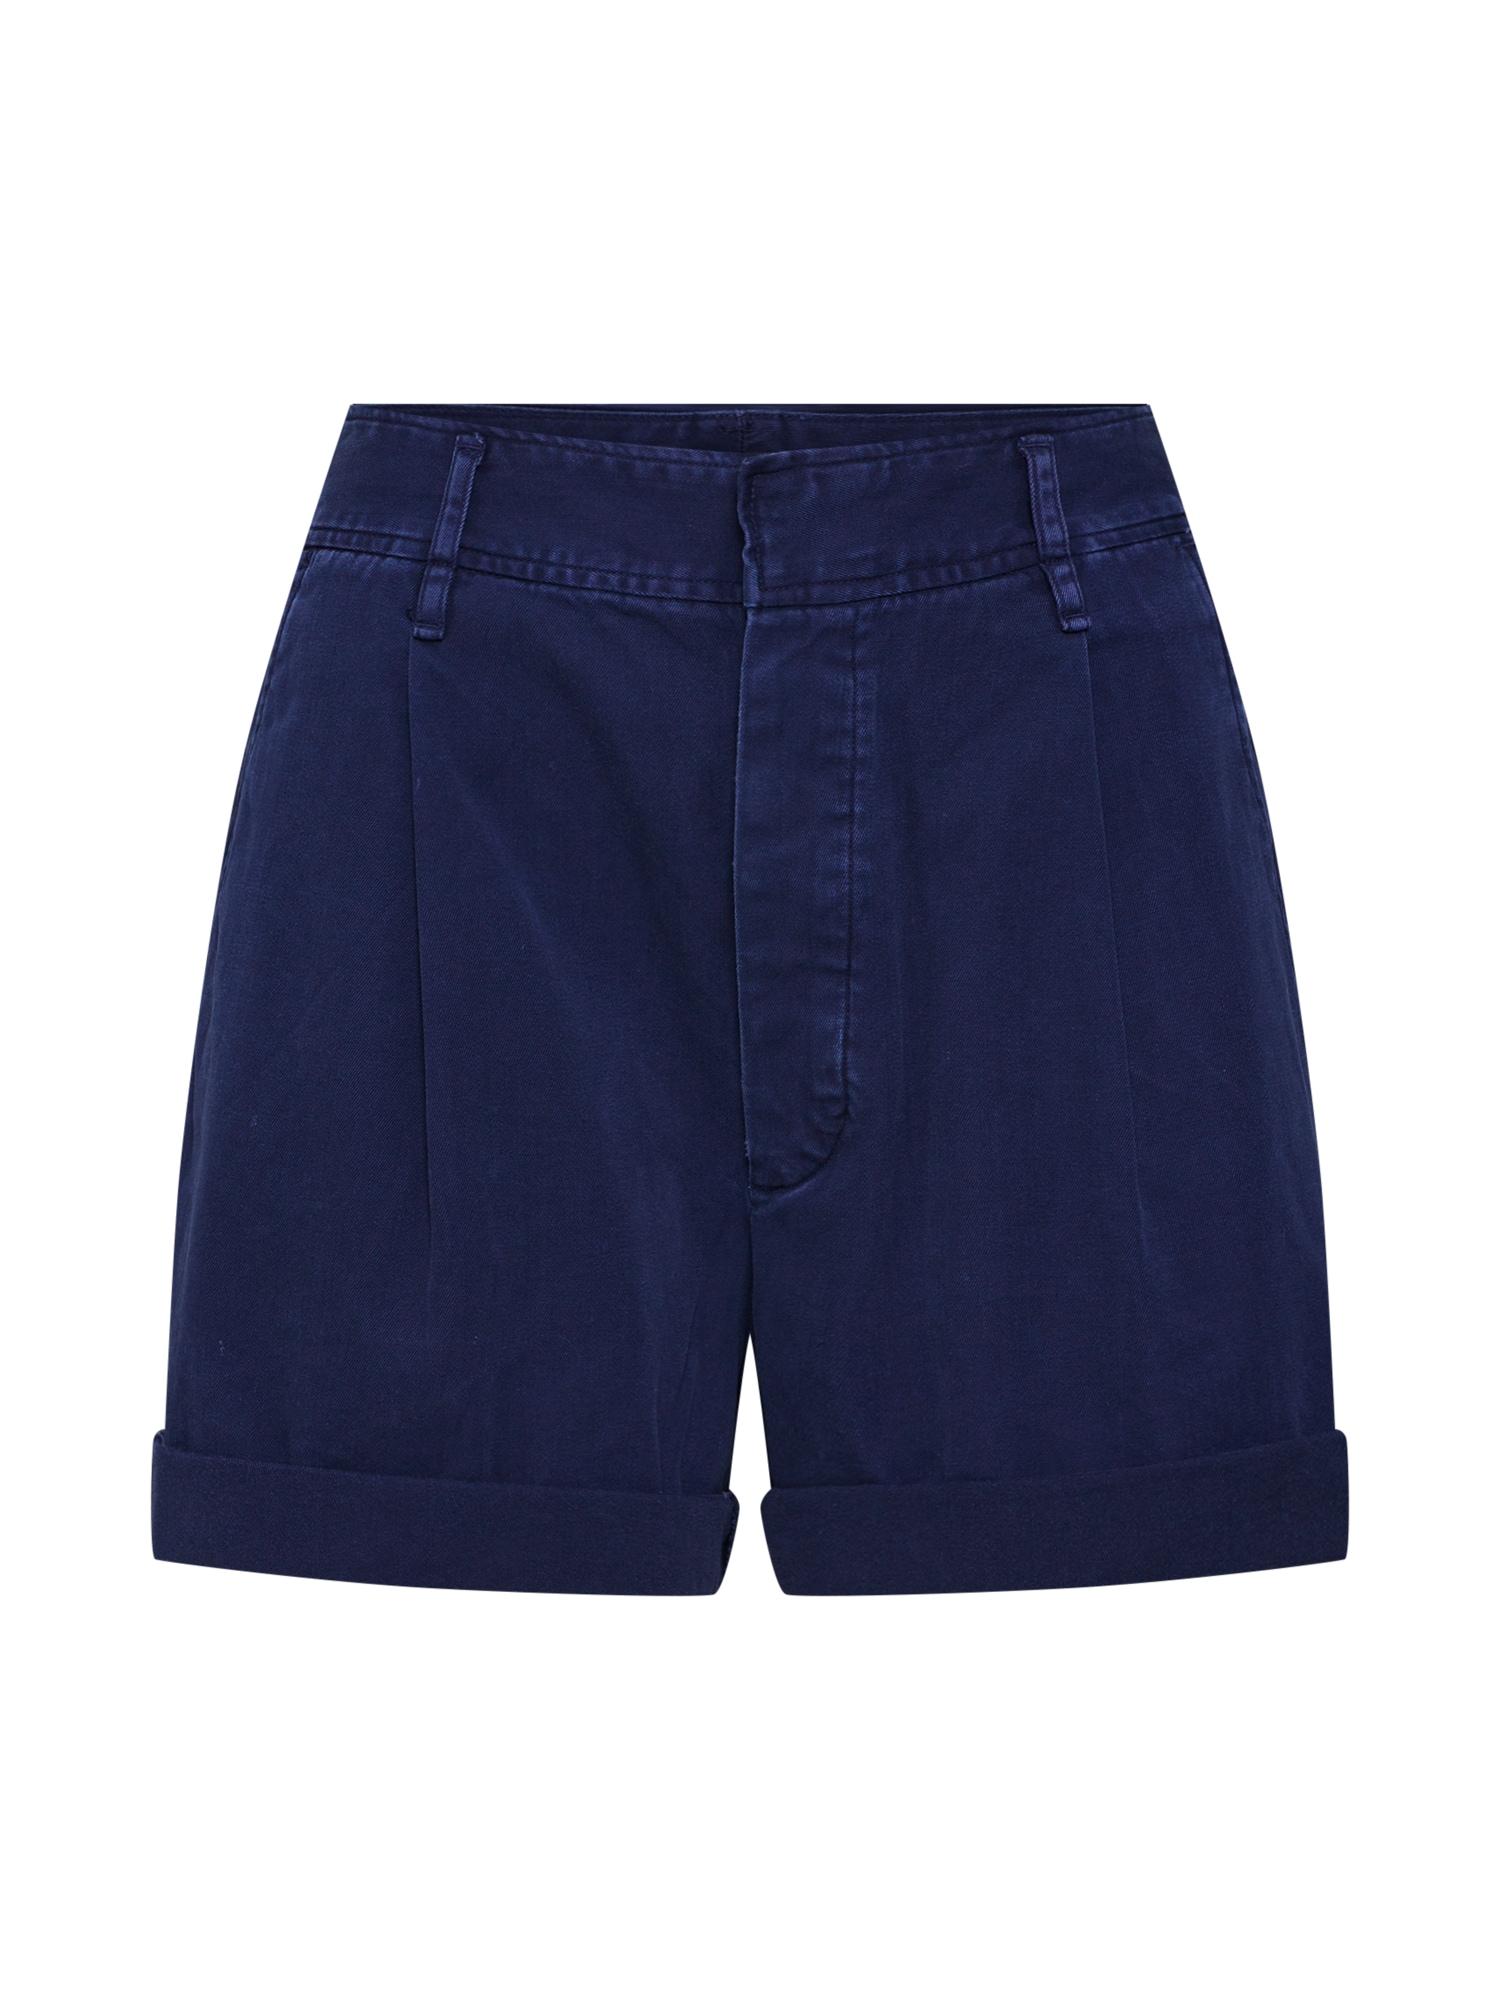 Kalhoty RELAXED námořnická modř POLO RALPH LAUREN